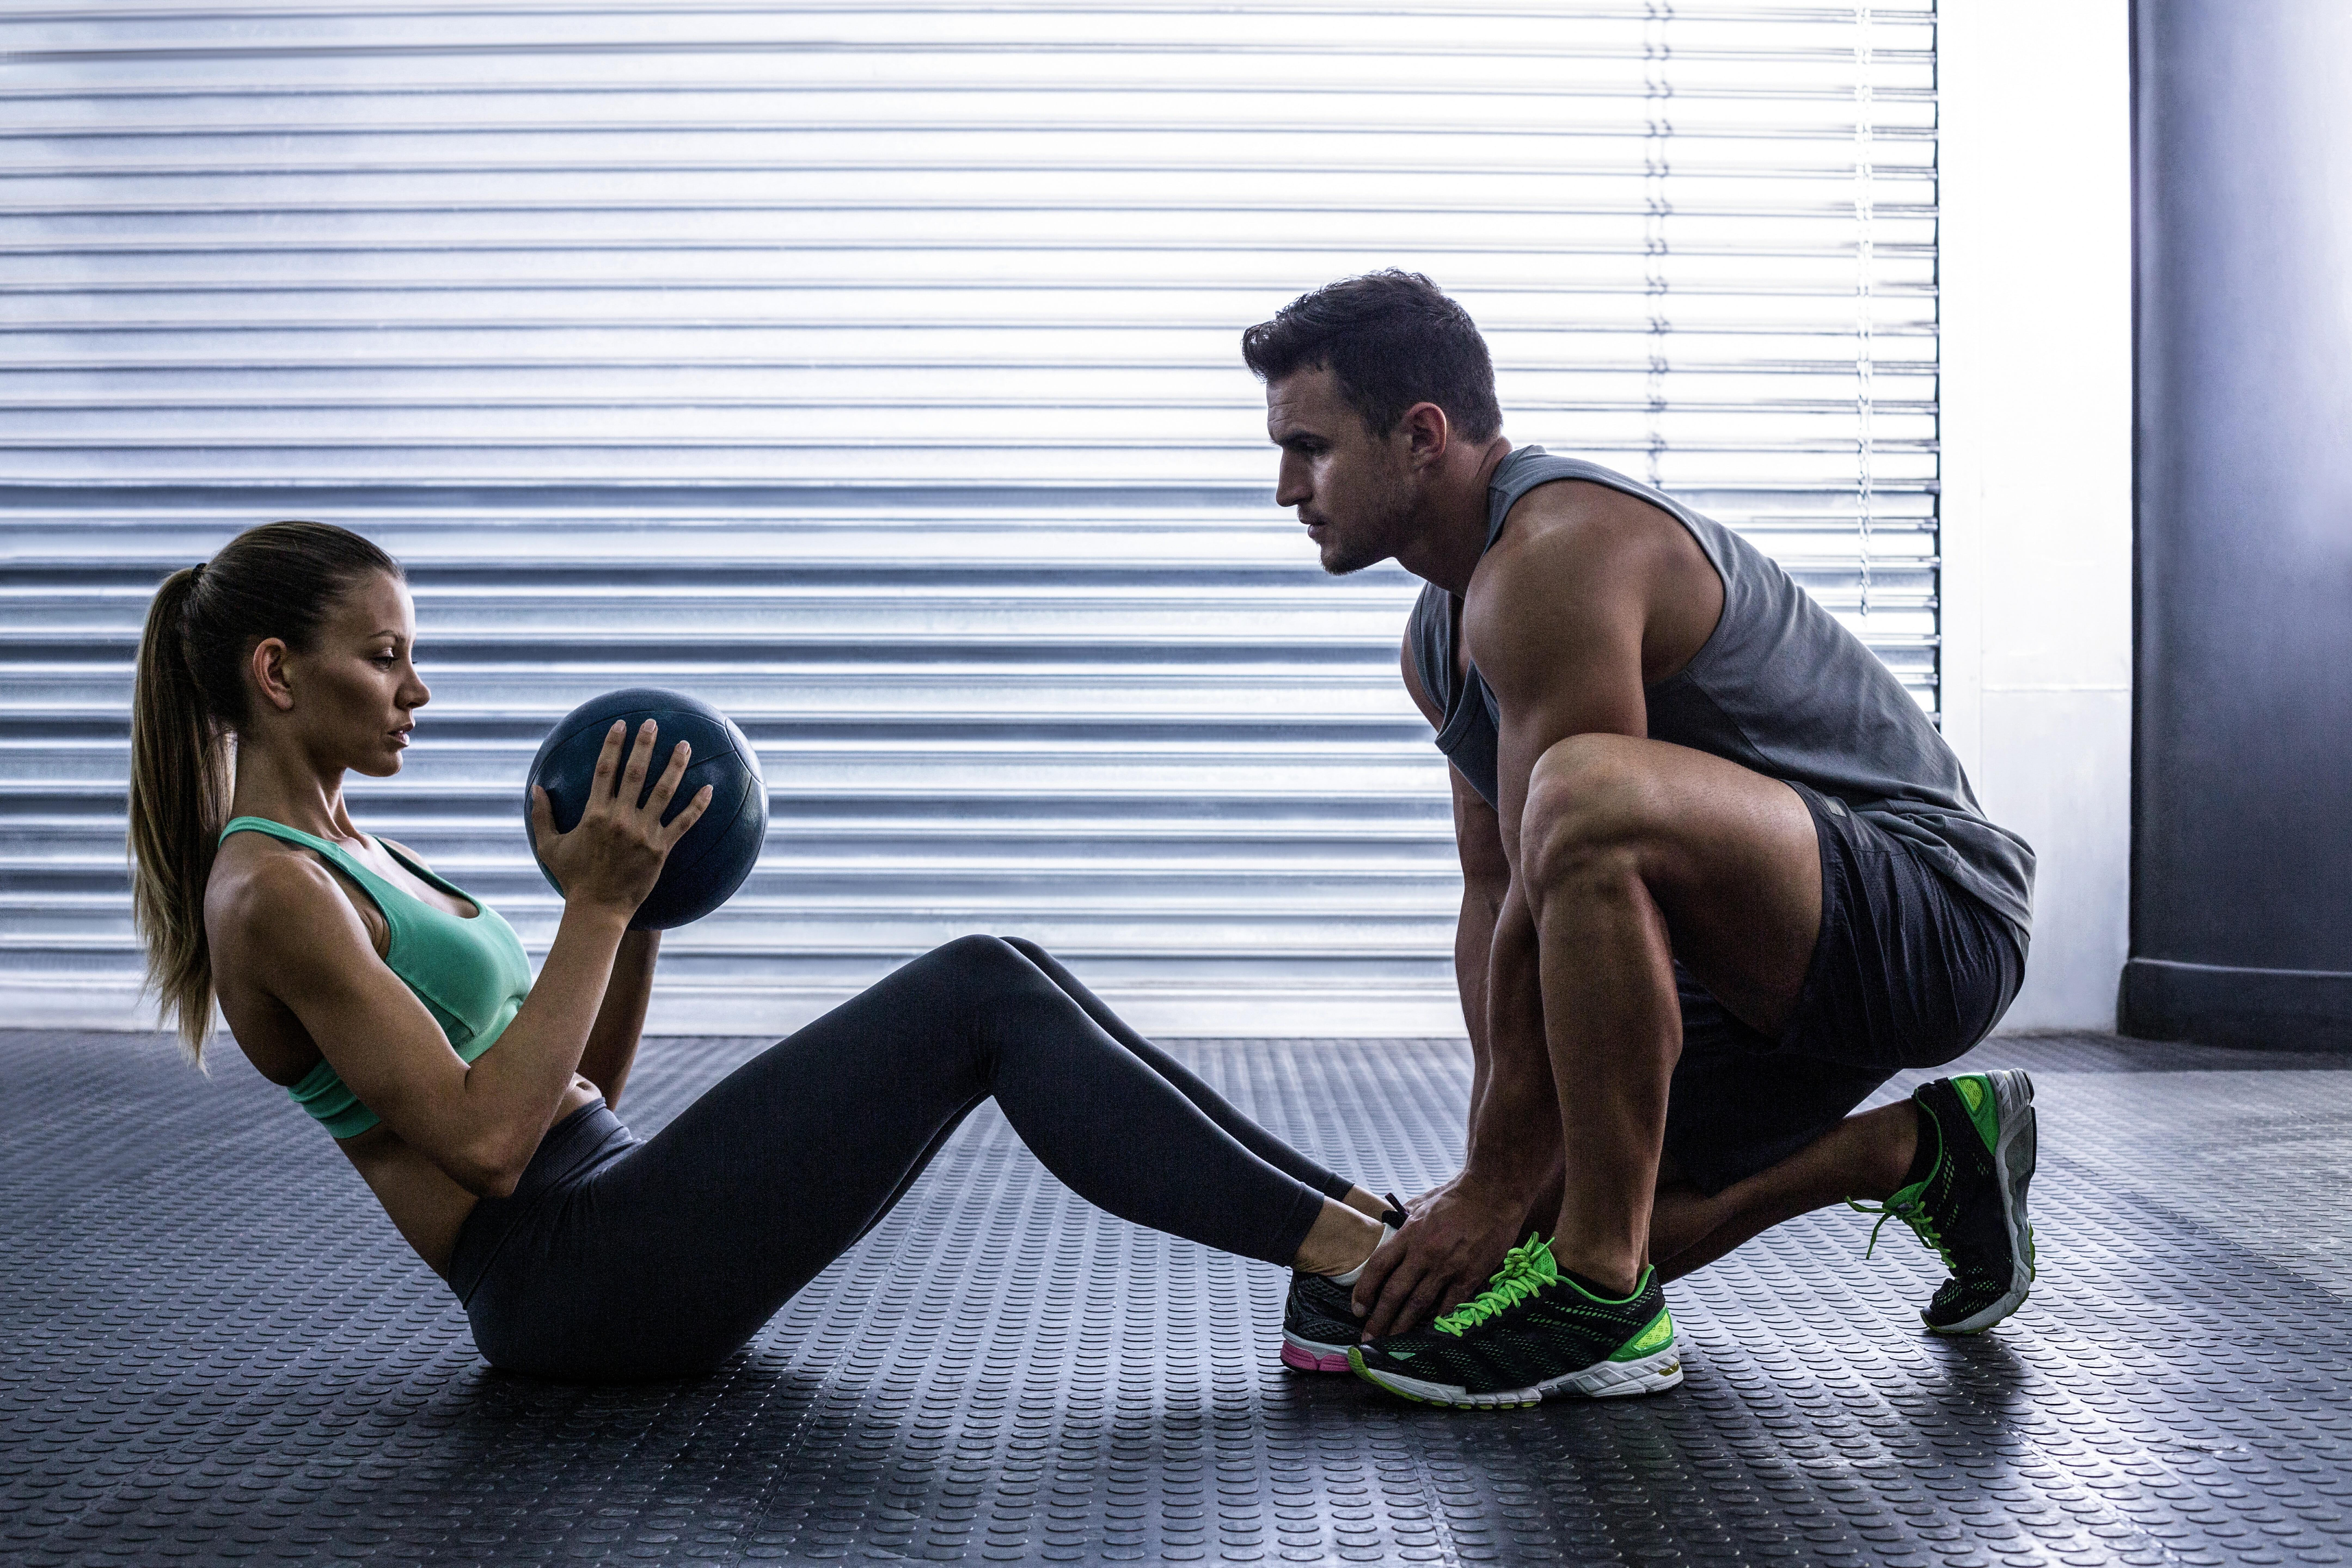 腹部のボール運動をしている筋肉のカップルの側面図